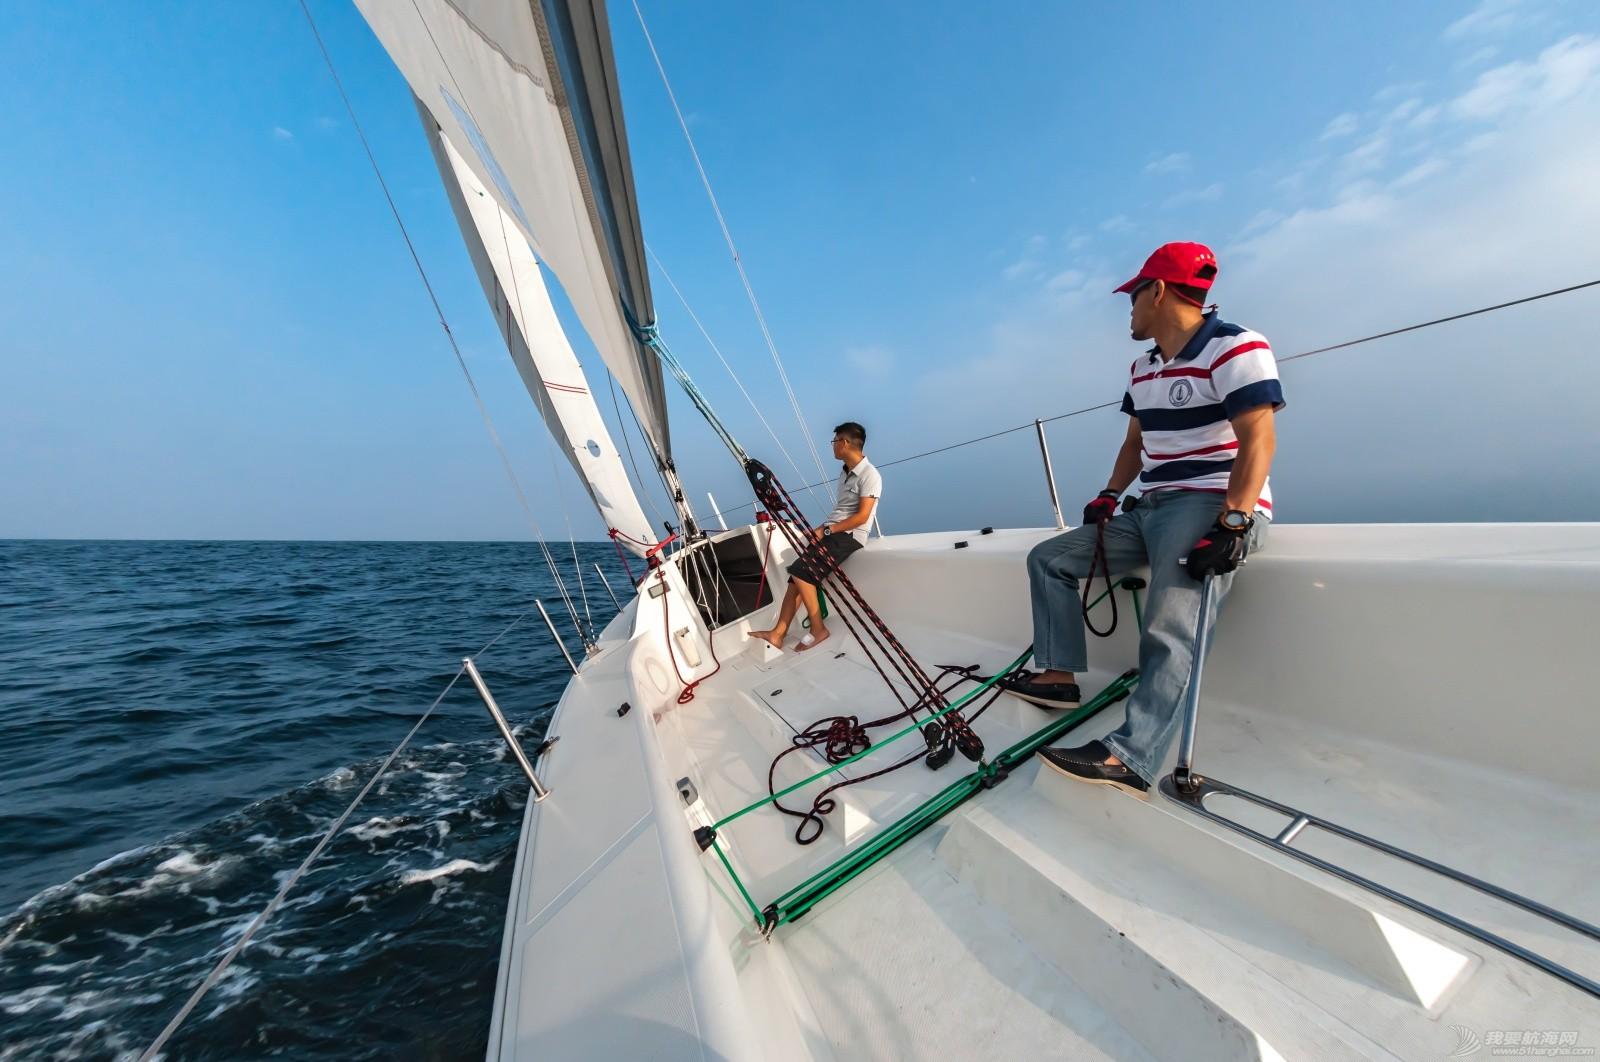 帆船 【2015大鹏杯帆船赛】鱼眼看航海 16034.jpg